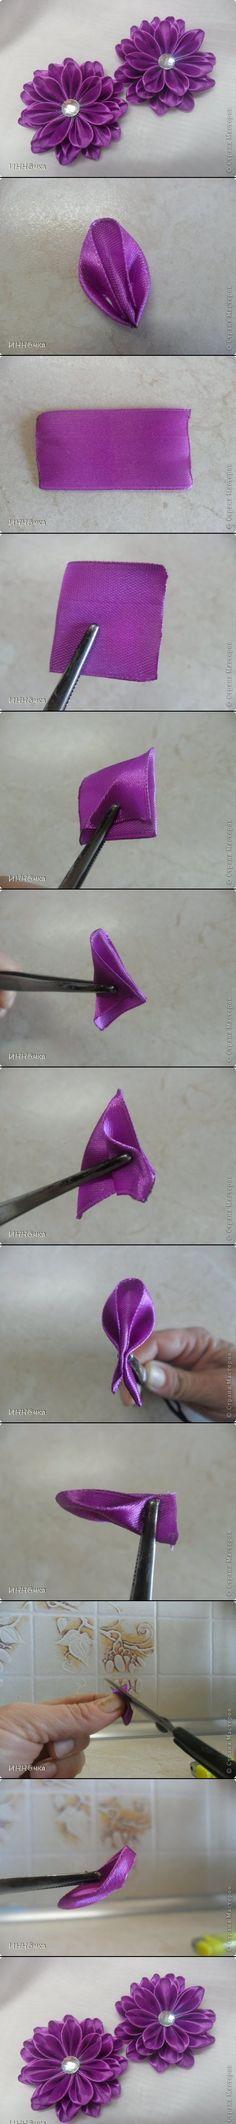 PURPLE RIBBON FLOWER DIY #craft #photos tutorial ++ FLOR HECHA DE CINTA INSTRUCCIONES EN FOTOS MANUALIDAD